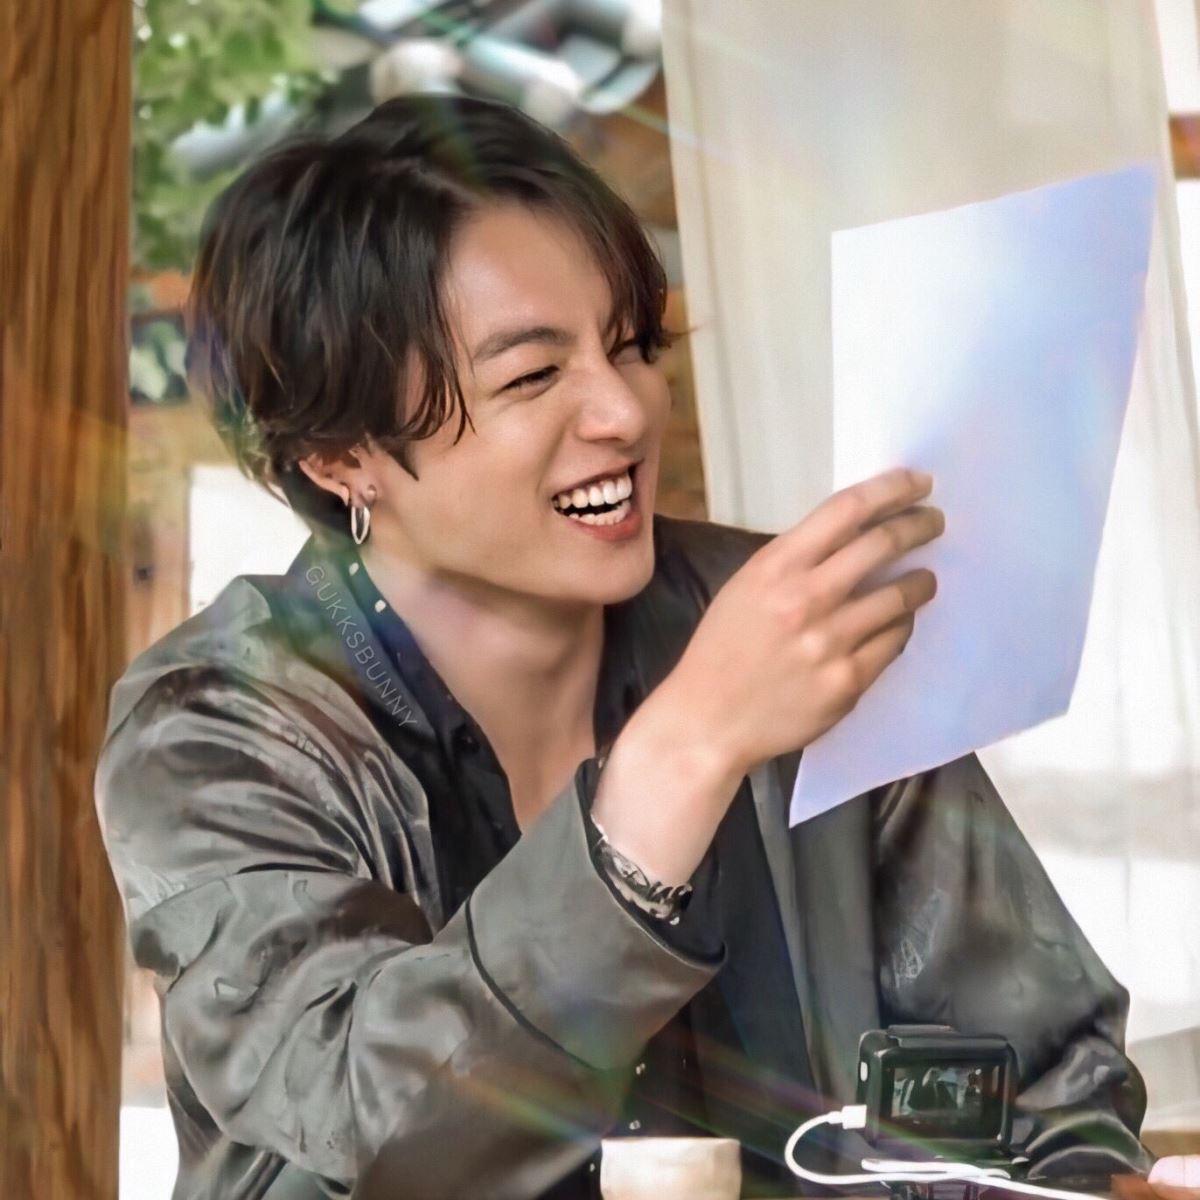 BTS, Phát hiện thói quen cực yêu khi cười của Jungkook BTS, Jungkook BTS, Bts